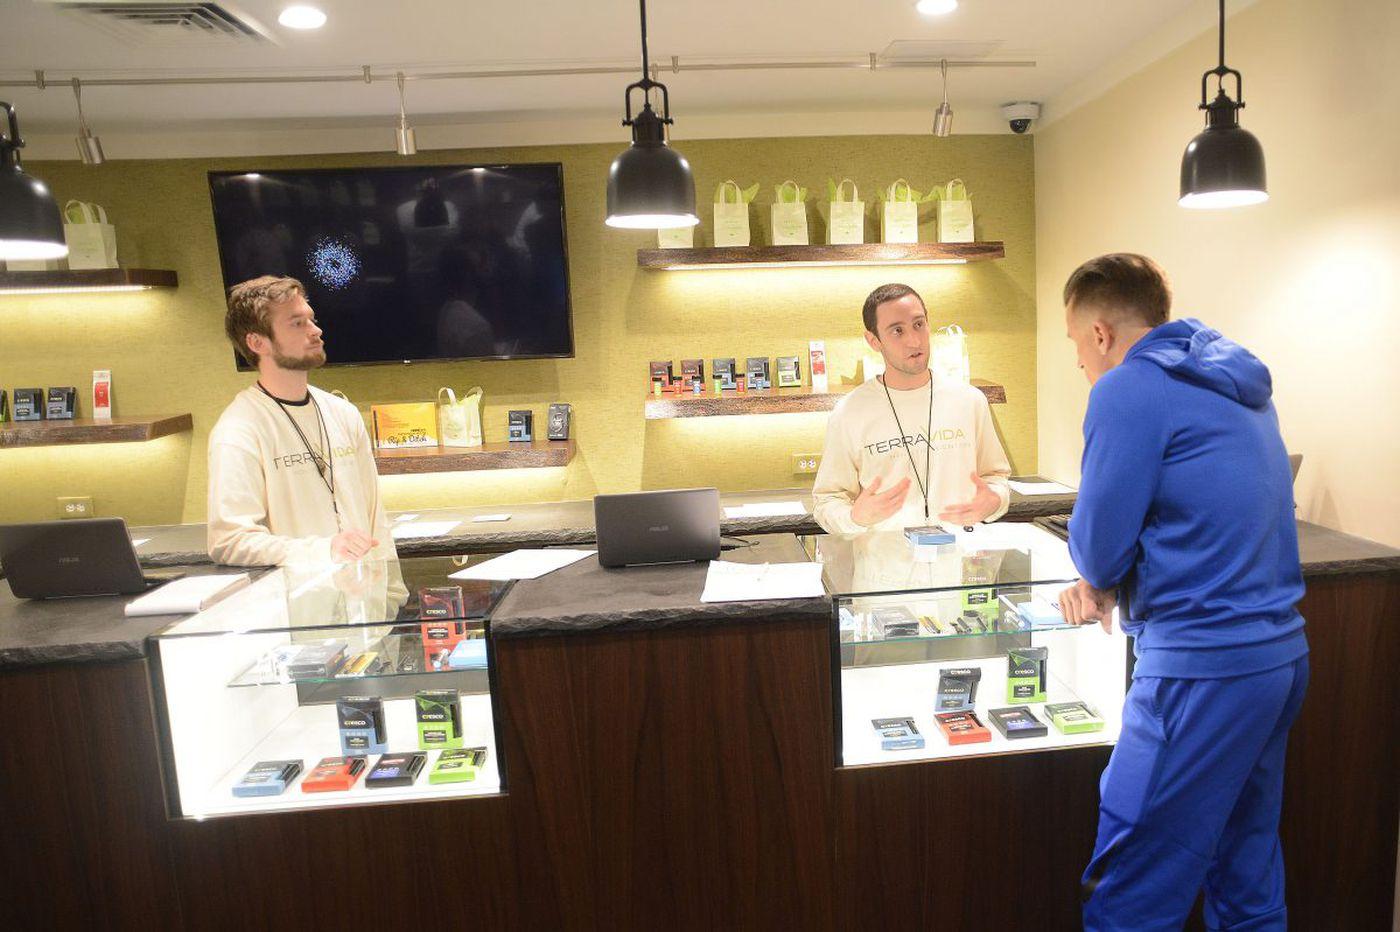 Tears of joy at opening of Bucks County medical marijuana dispensary